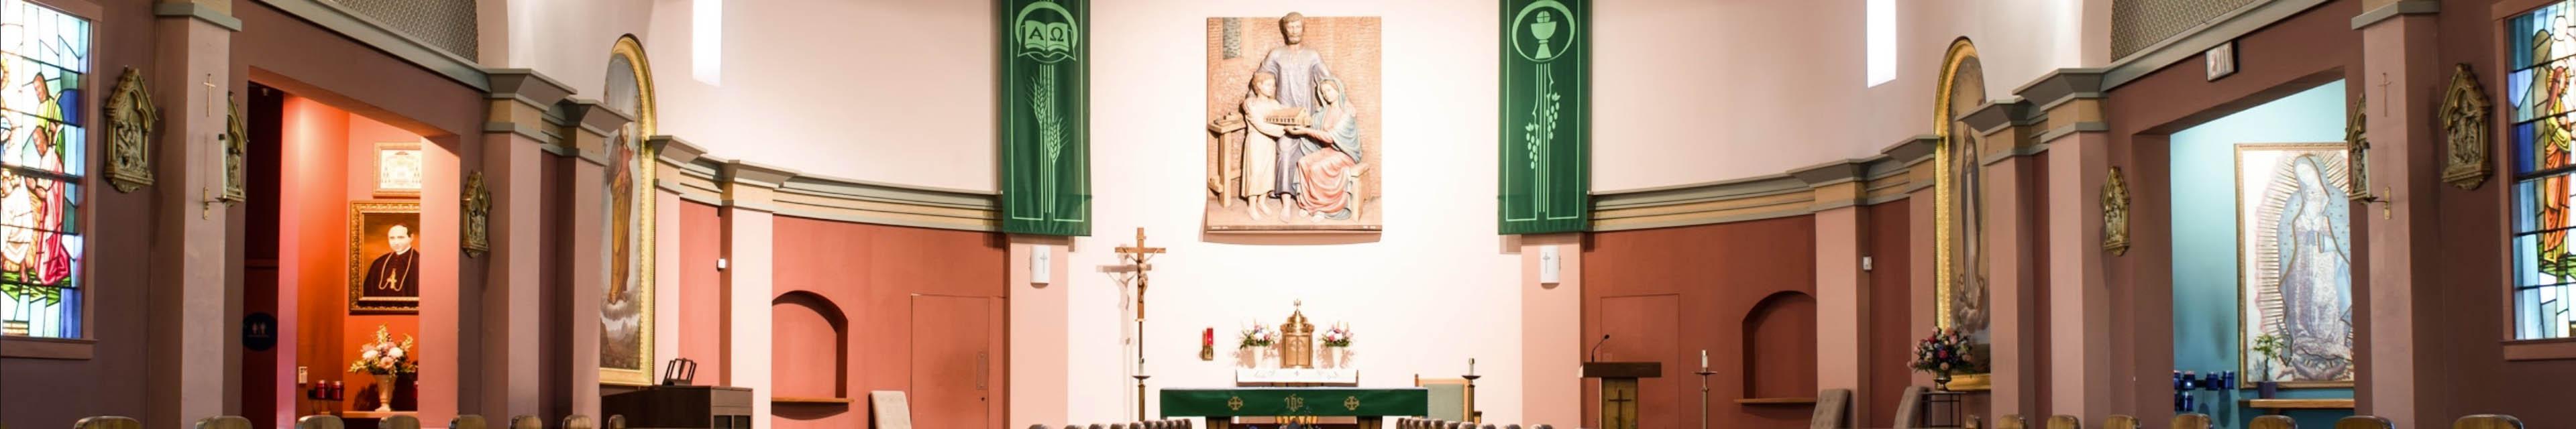 Provincial House & Shrine of St. Joseph - Santa Cruz, CA